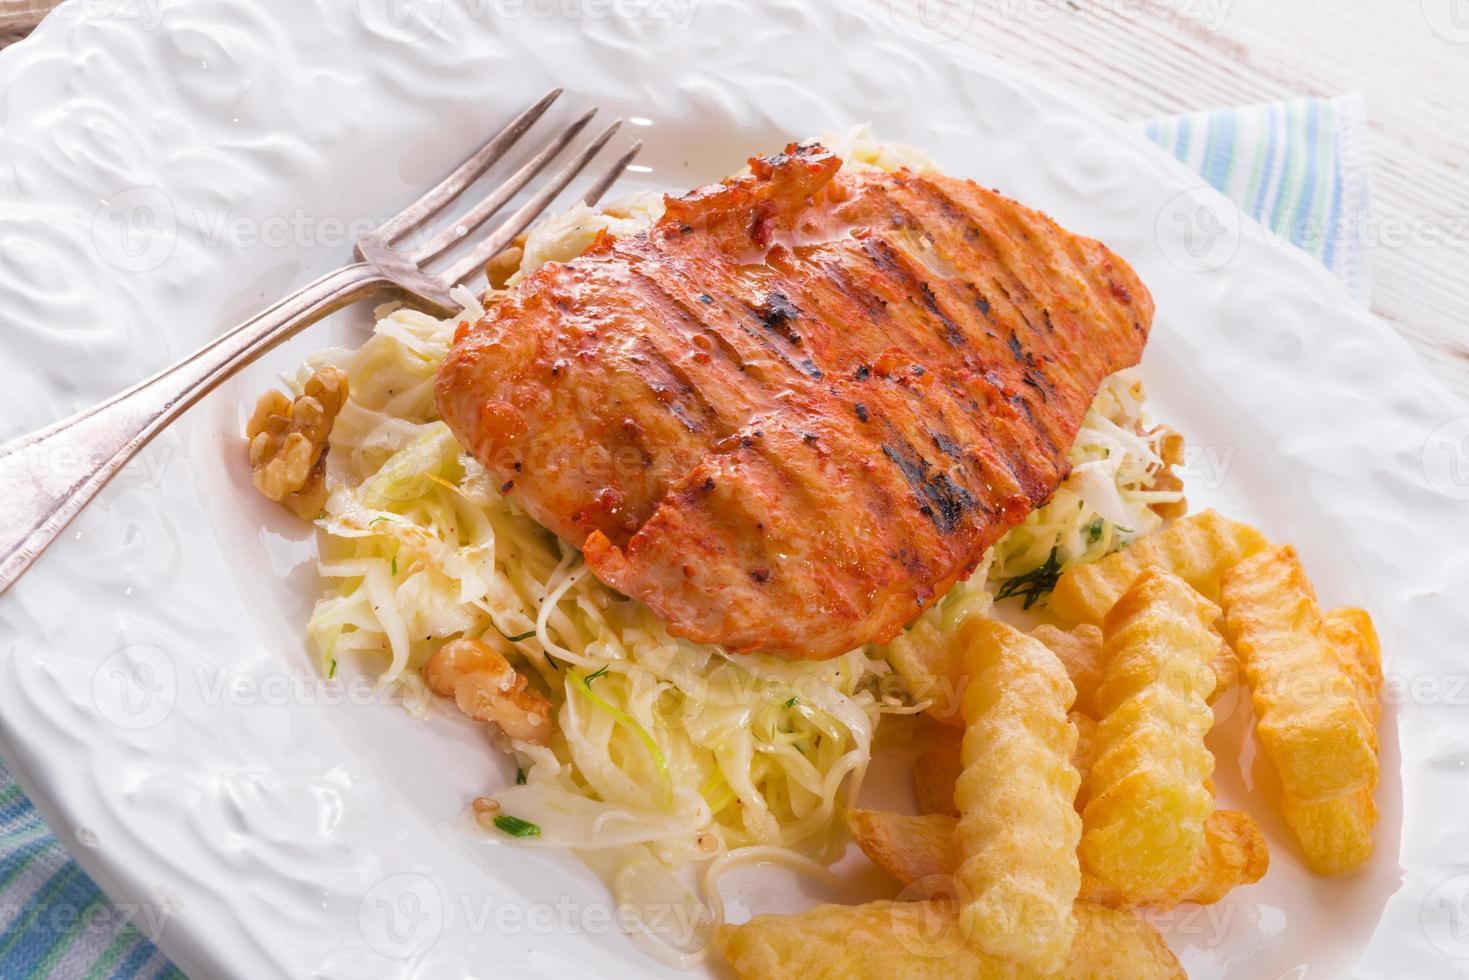 poulet grillé, salade de chou aux noix et frites photo